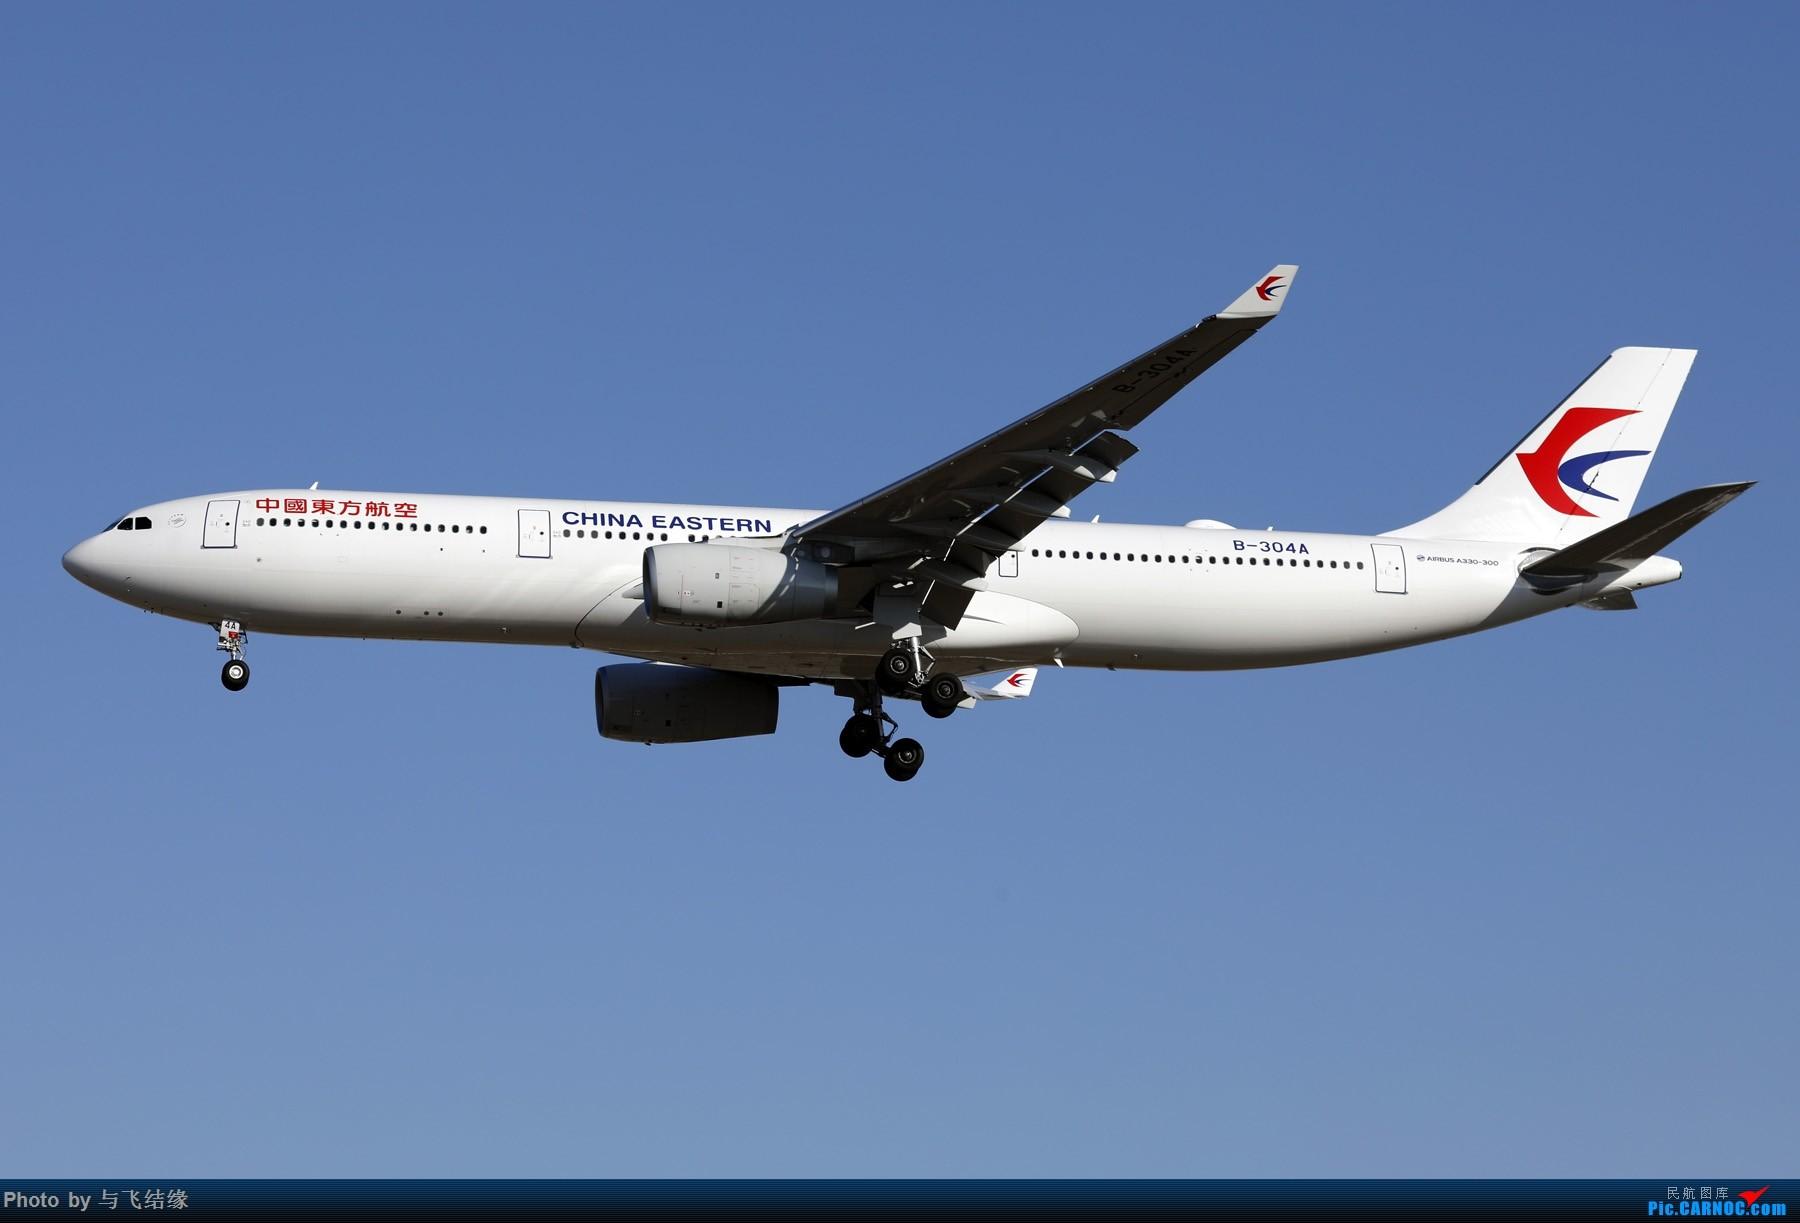 """Re:[原创]农历三十再发一贴,祝朋友们新年""""猪""""事顺利,吉祥如意! AIRBUS A330-300 B-304A 中国北京首都国际机场"""